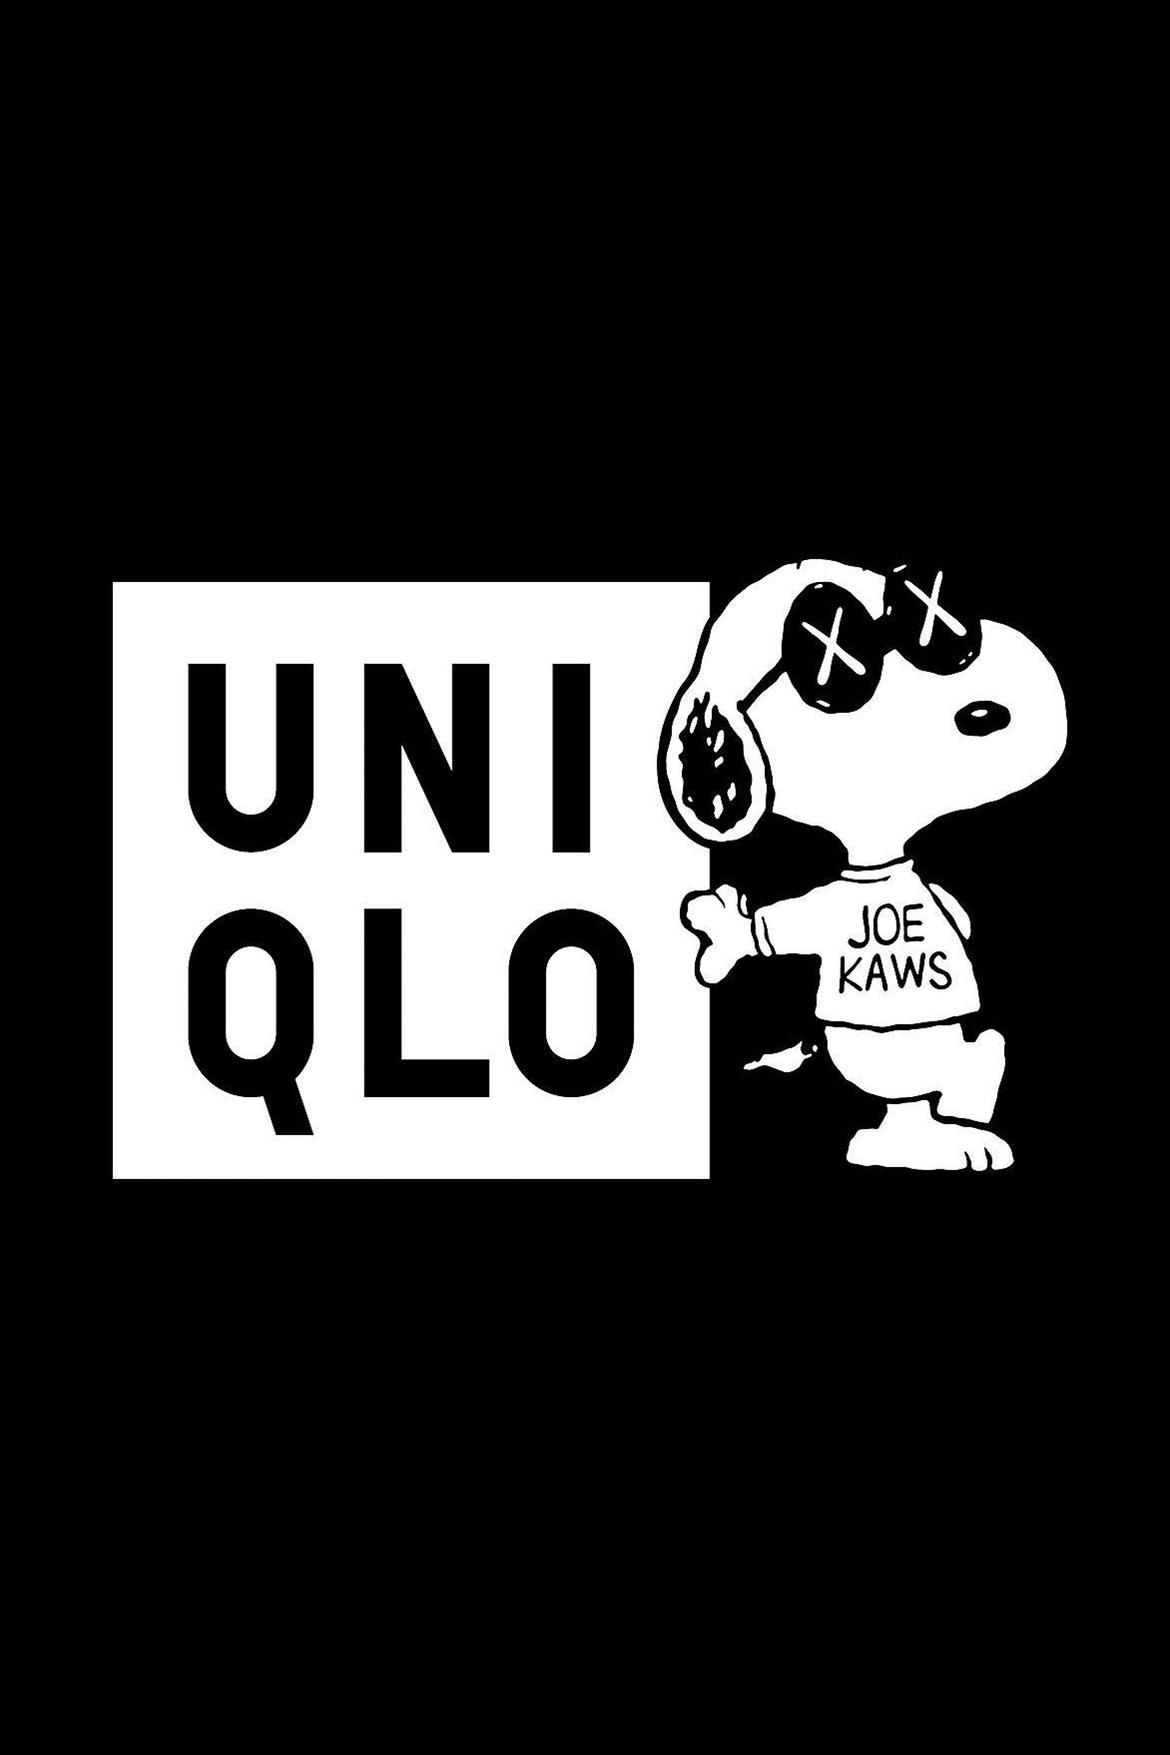 KAWS x Uniqlo reviennent pour une collaboration